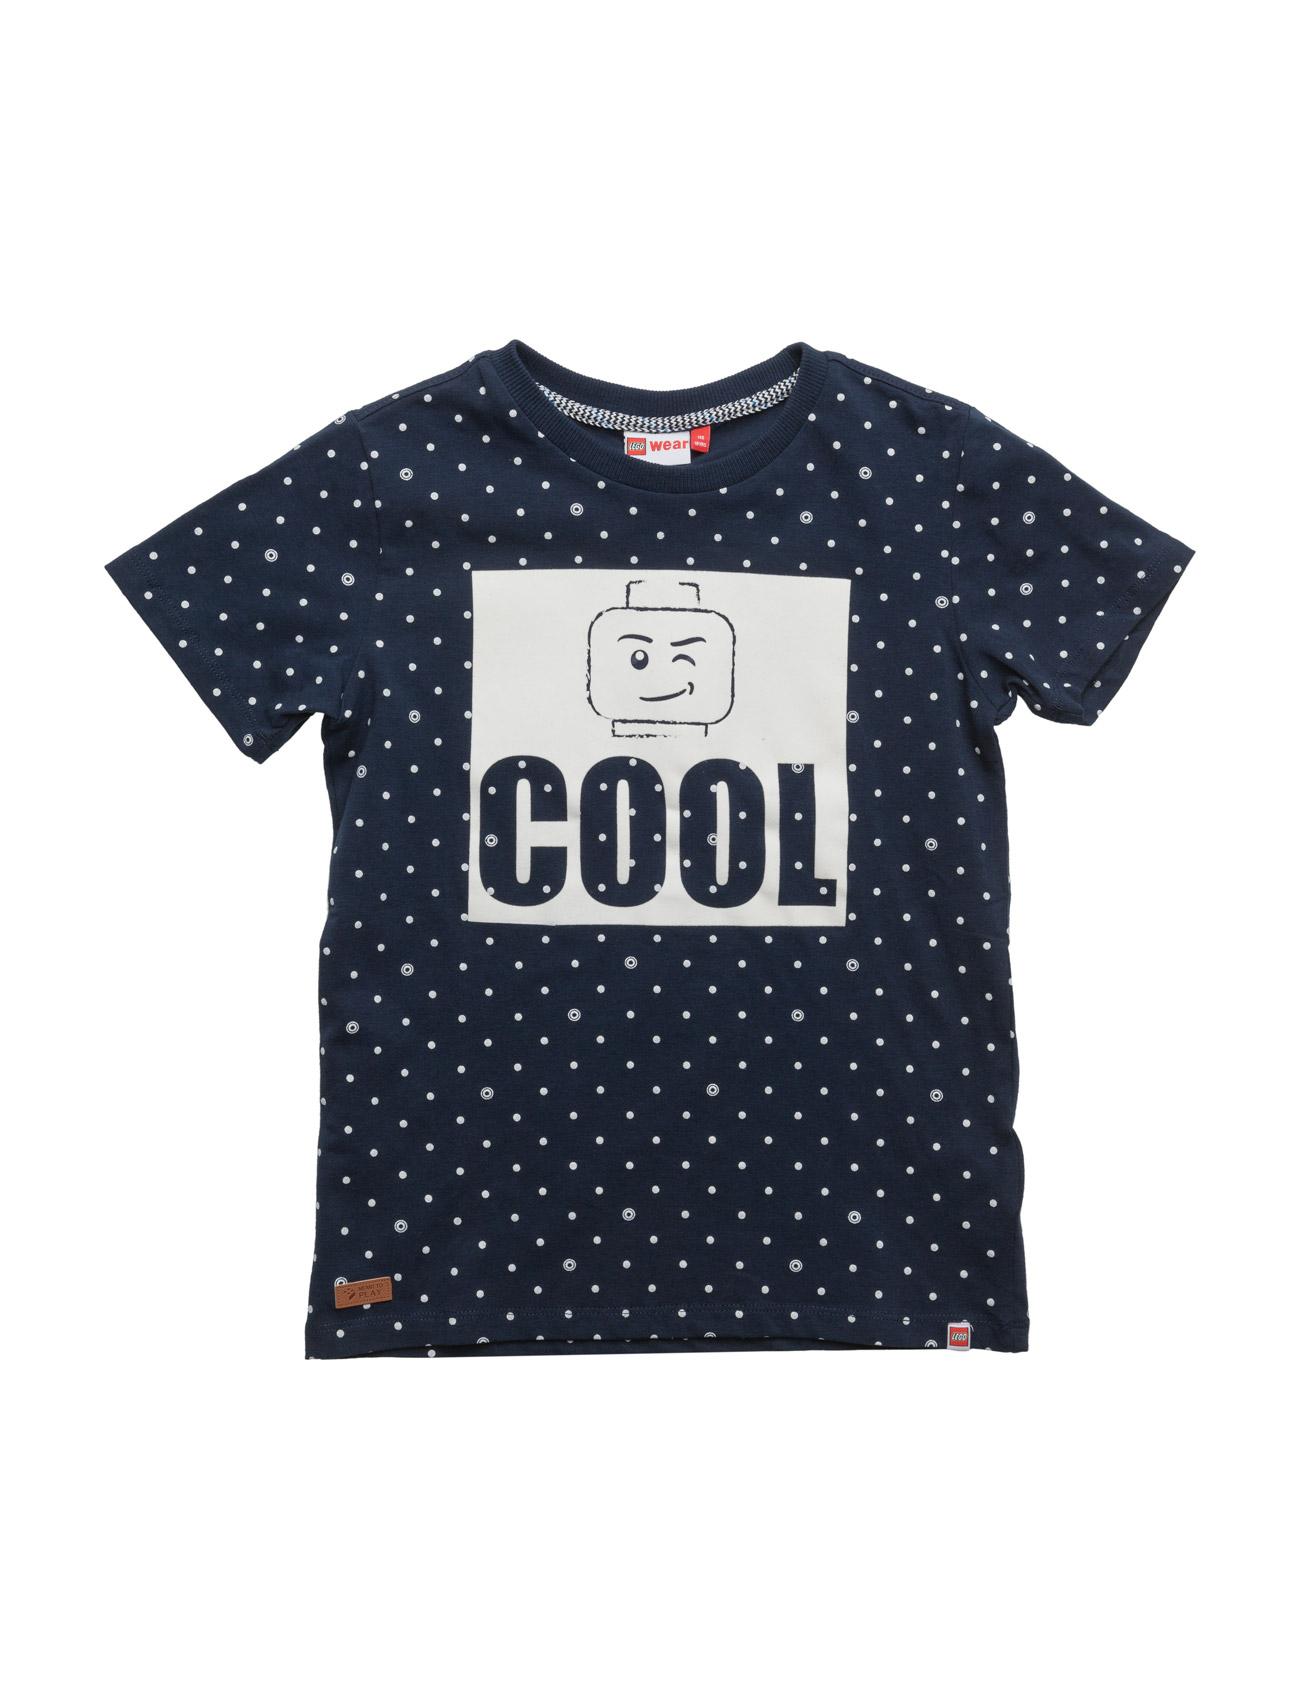 Teo 303 - T-Shirt S/S Lego wear T-shirts til Drenge i Mørk Navy